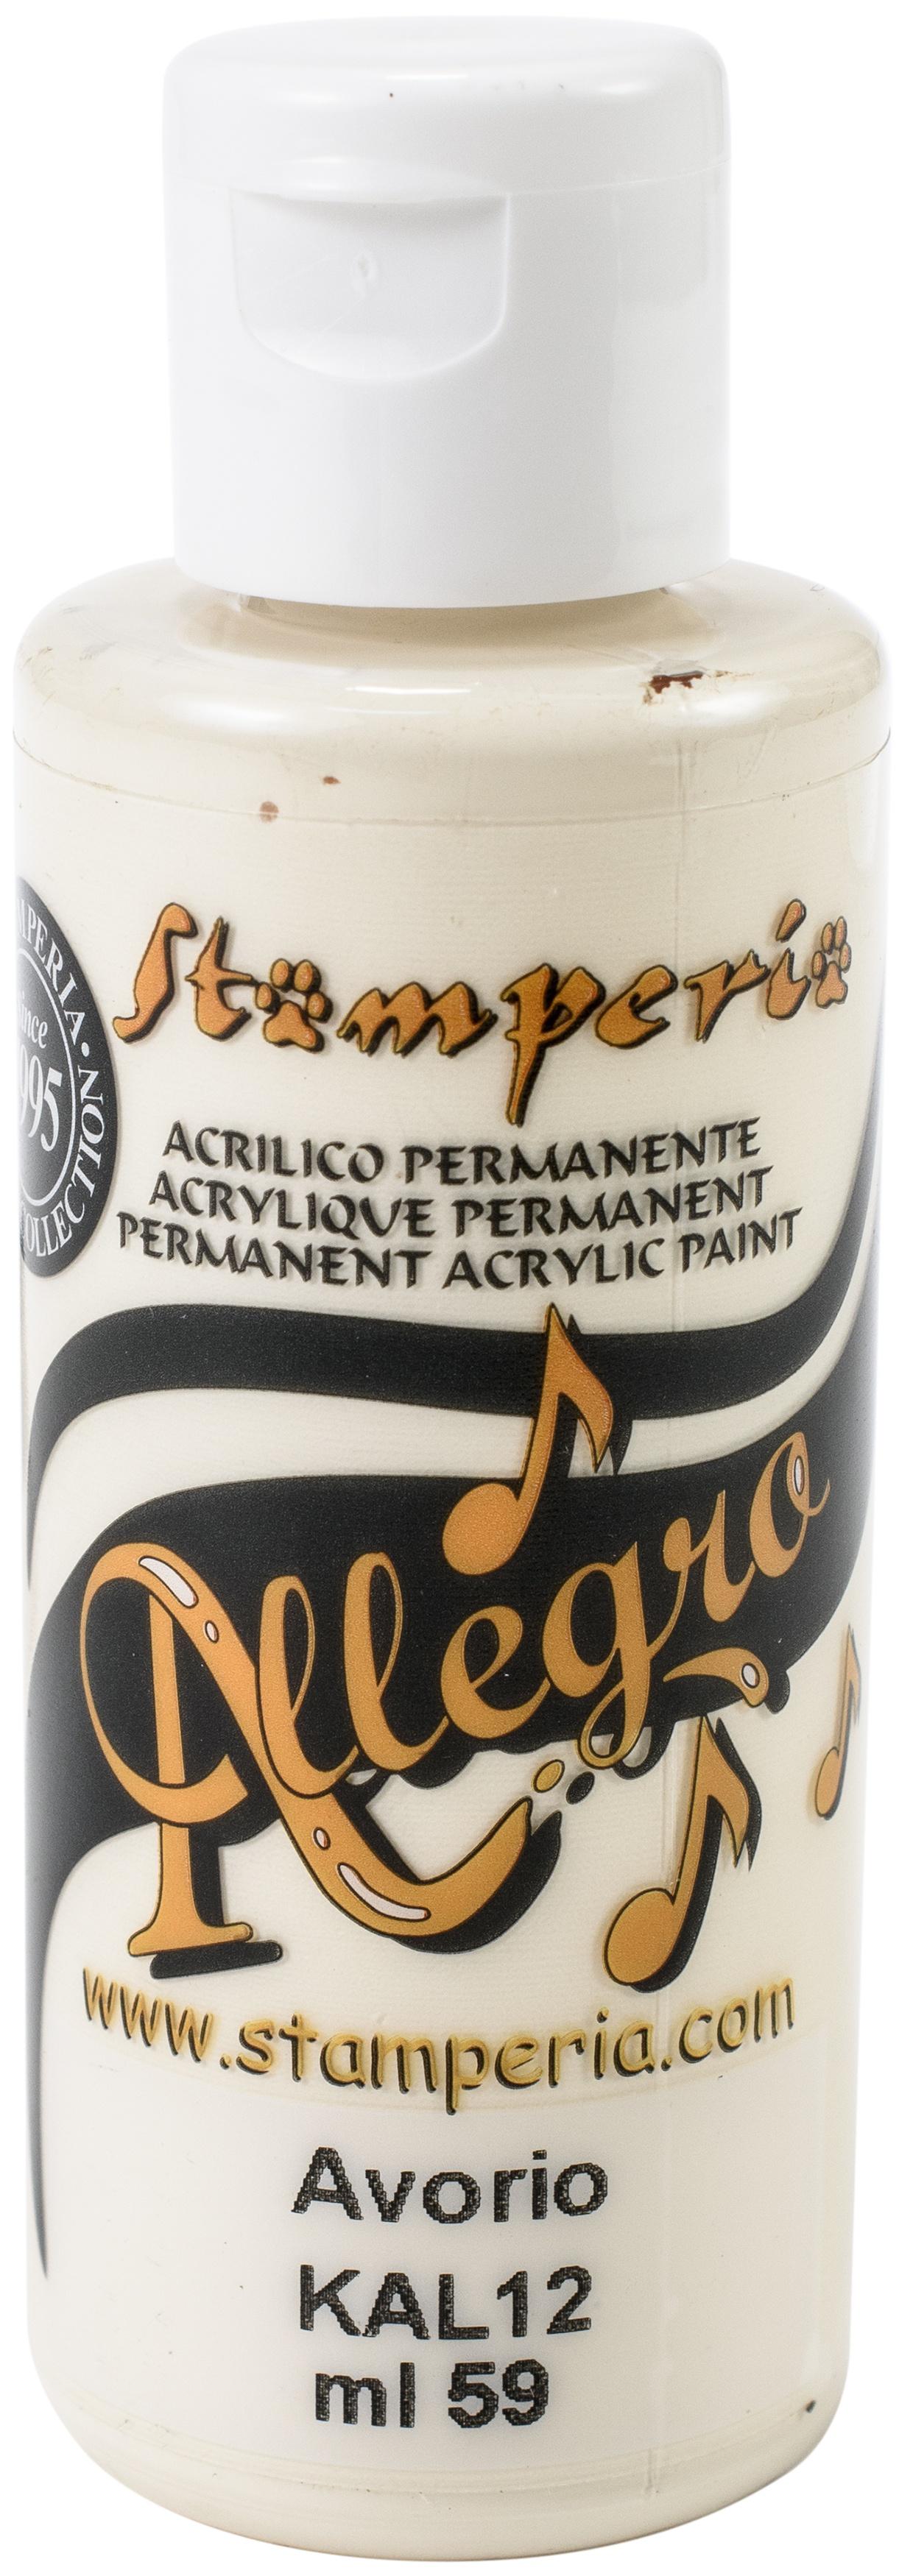 Allegro Paint - Ivory